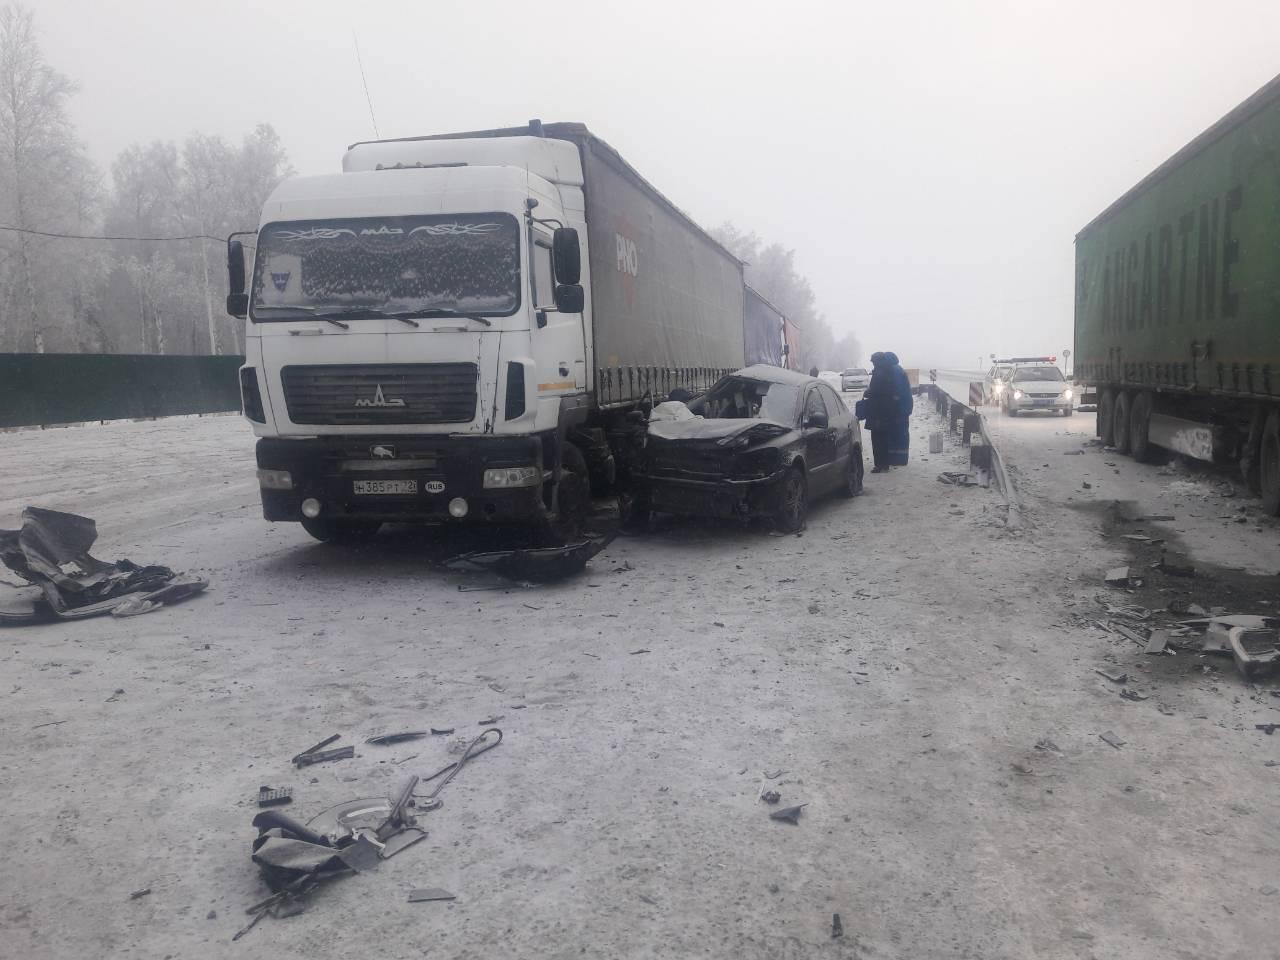 ВДТП натрассе Тюмень-Омск погибло 5 человек